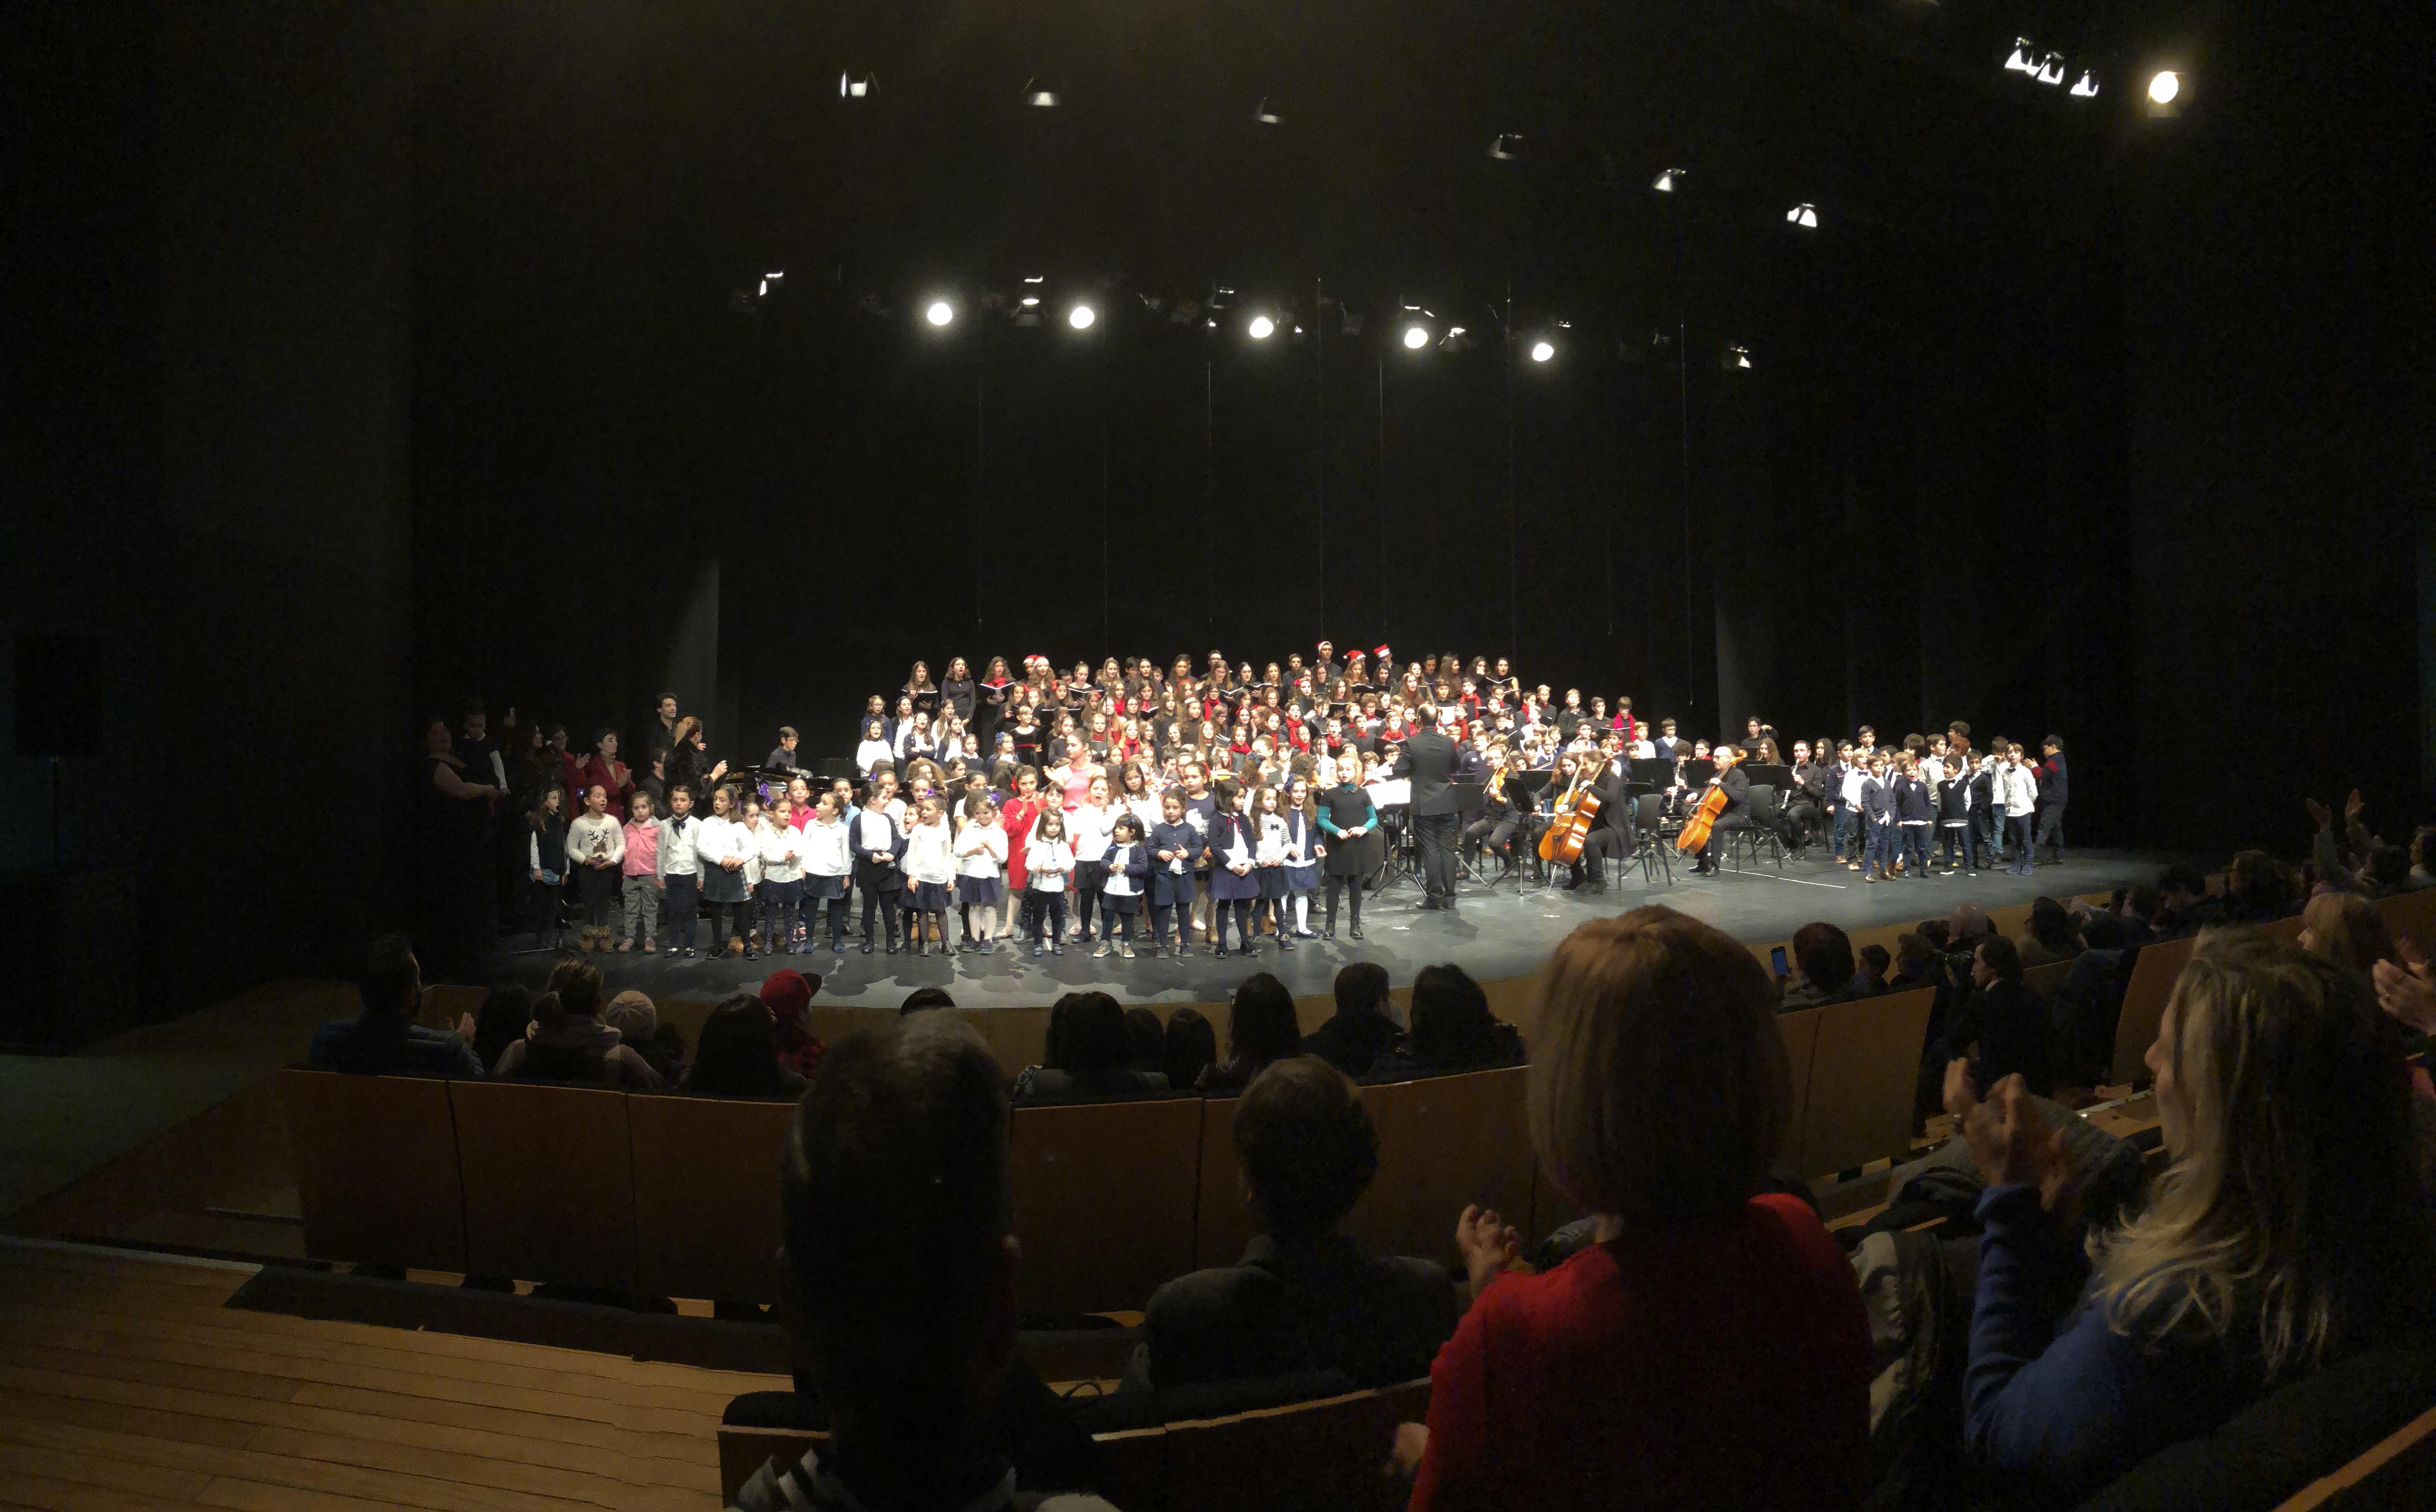 2017.12.19 - CMSJG - Concerto de Natal - TMG. - Final